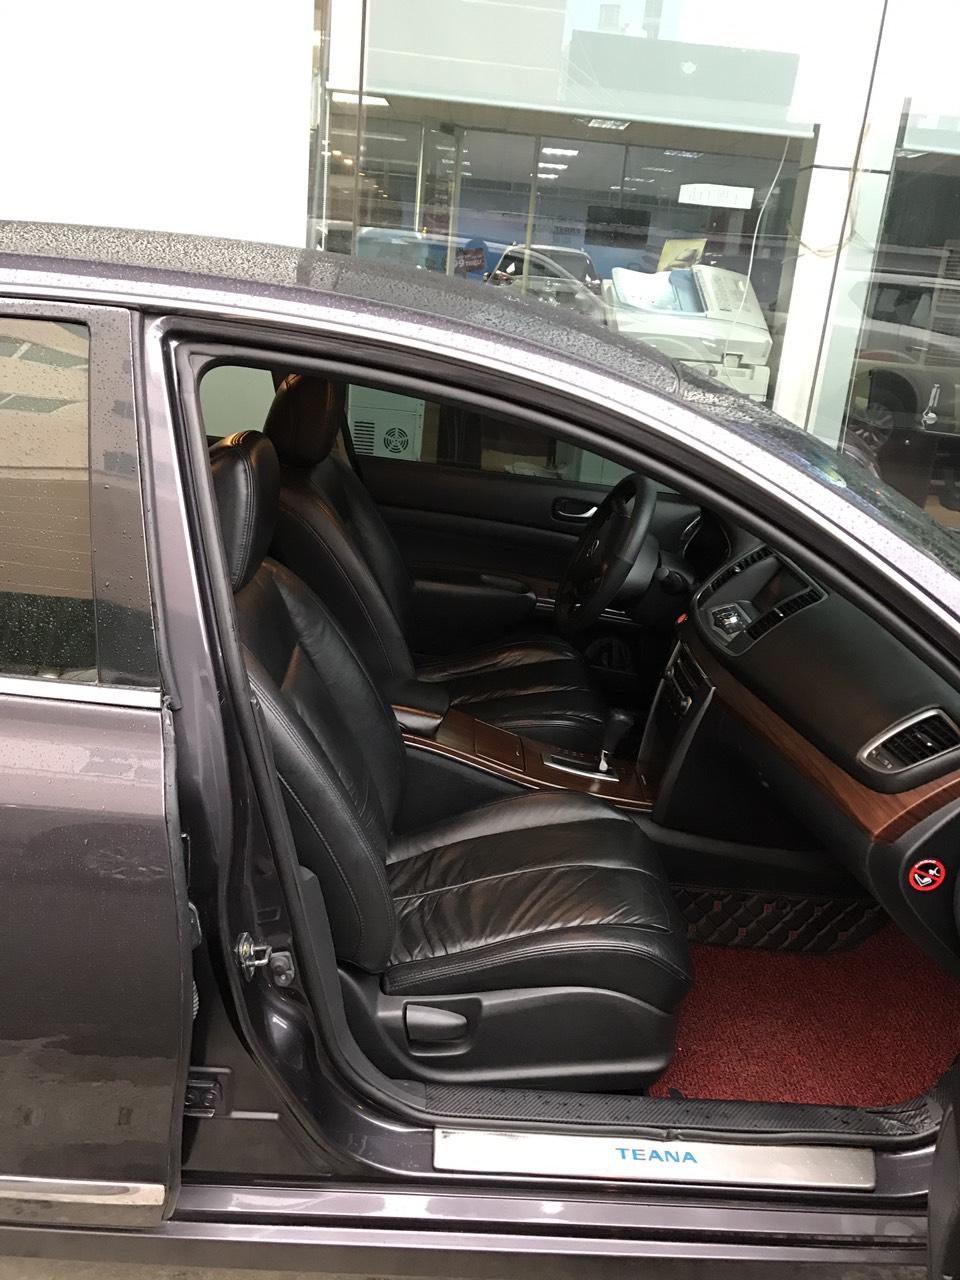 Bán gấp xe Nissan Teana 2.0 AT, nhập khẩu Đài Loan đời 2009, màu nho đen giá 460 triệu